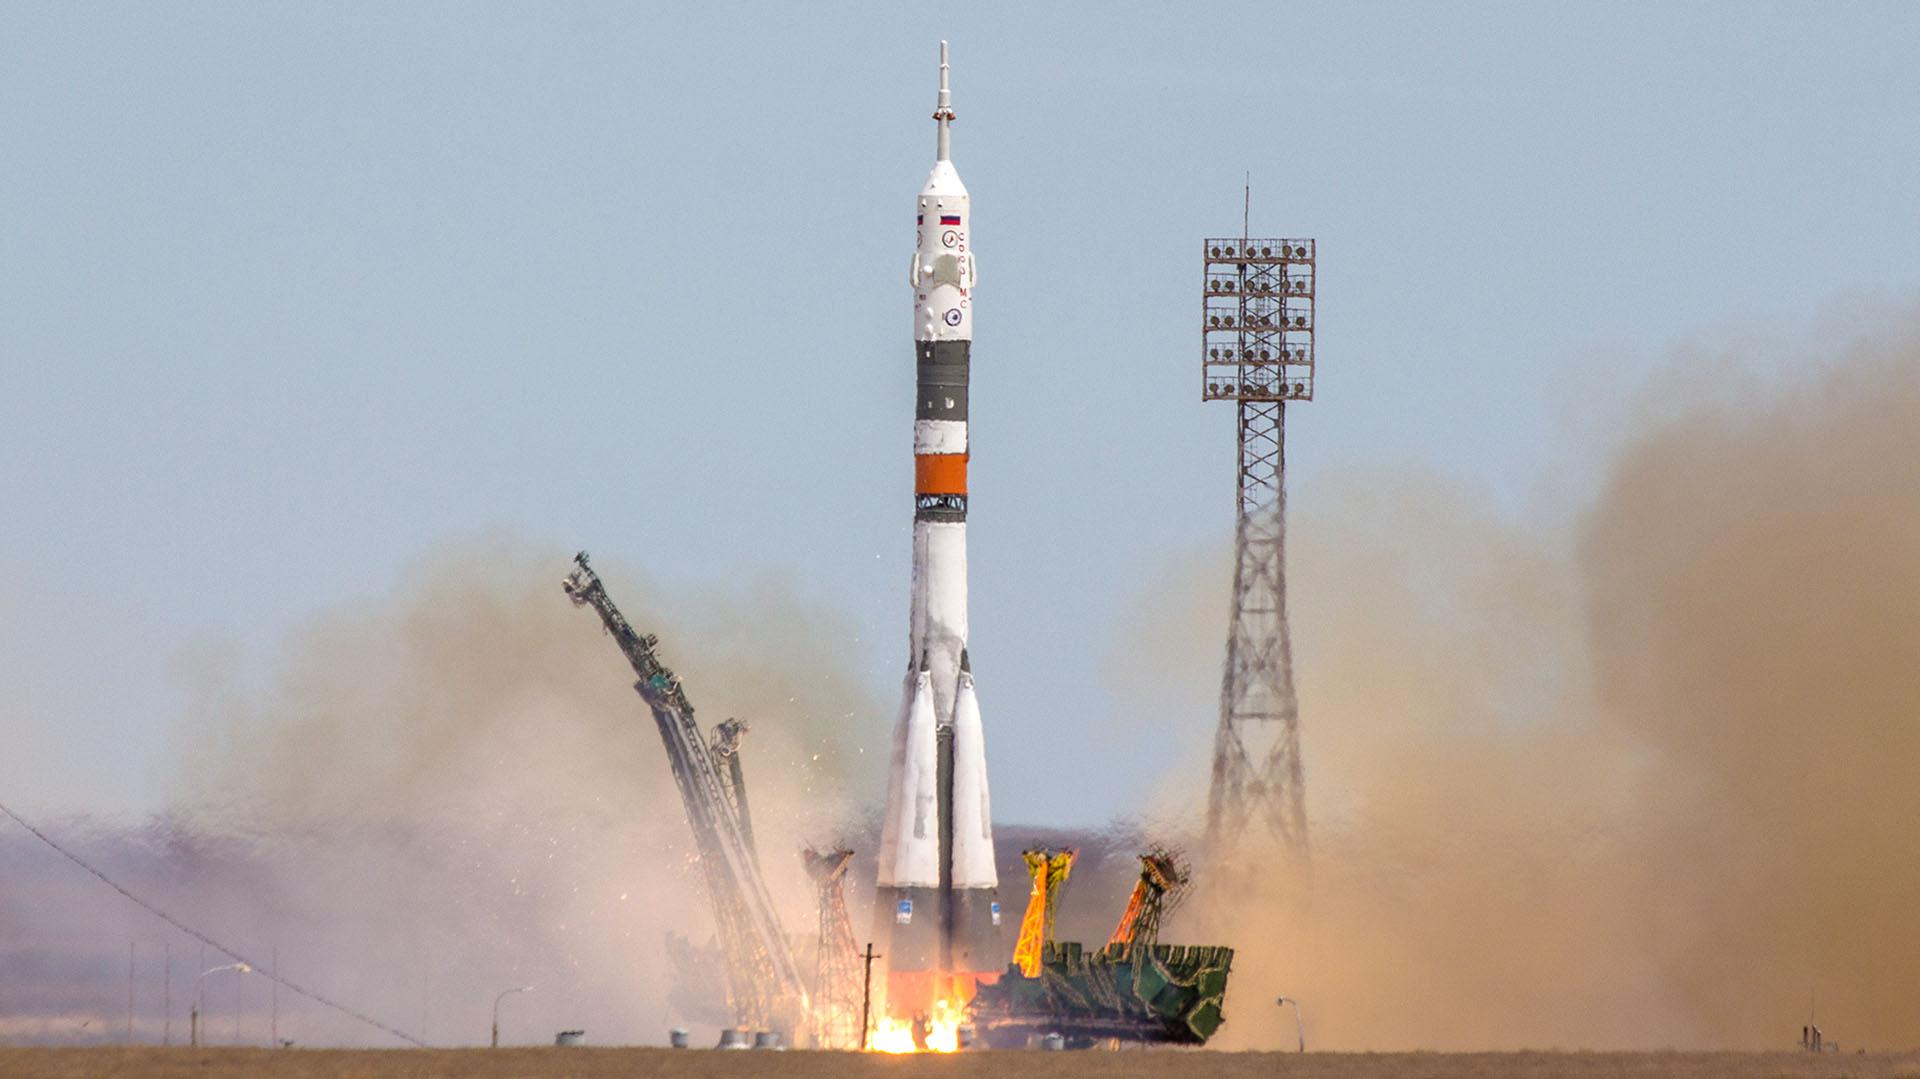 Kazajistán es sede del Cosmódromo Baikonur, el principal de la agencia espacial rusa Roscosmos y estación de partida de los astronautas de todo el mundo (Getty)